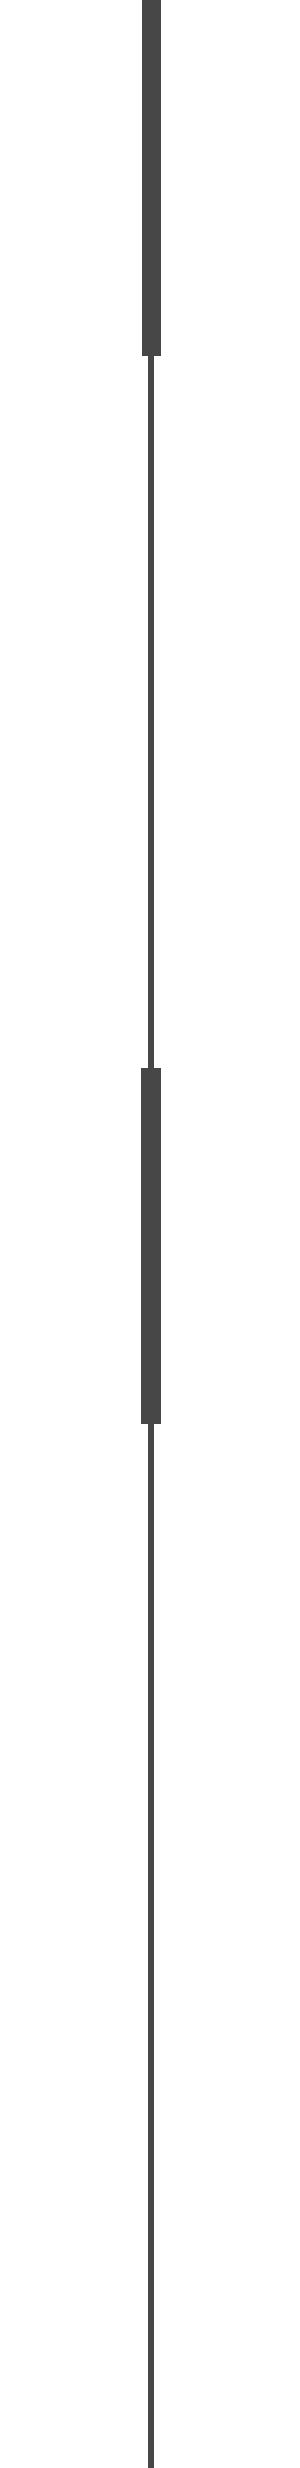 timeline-line1.2.png